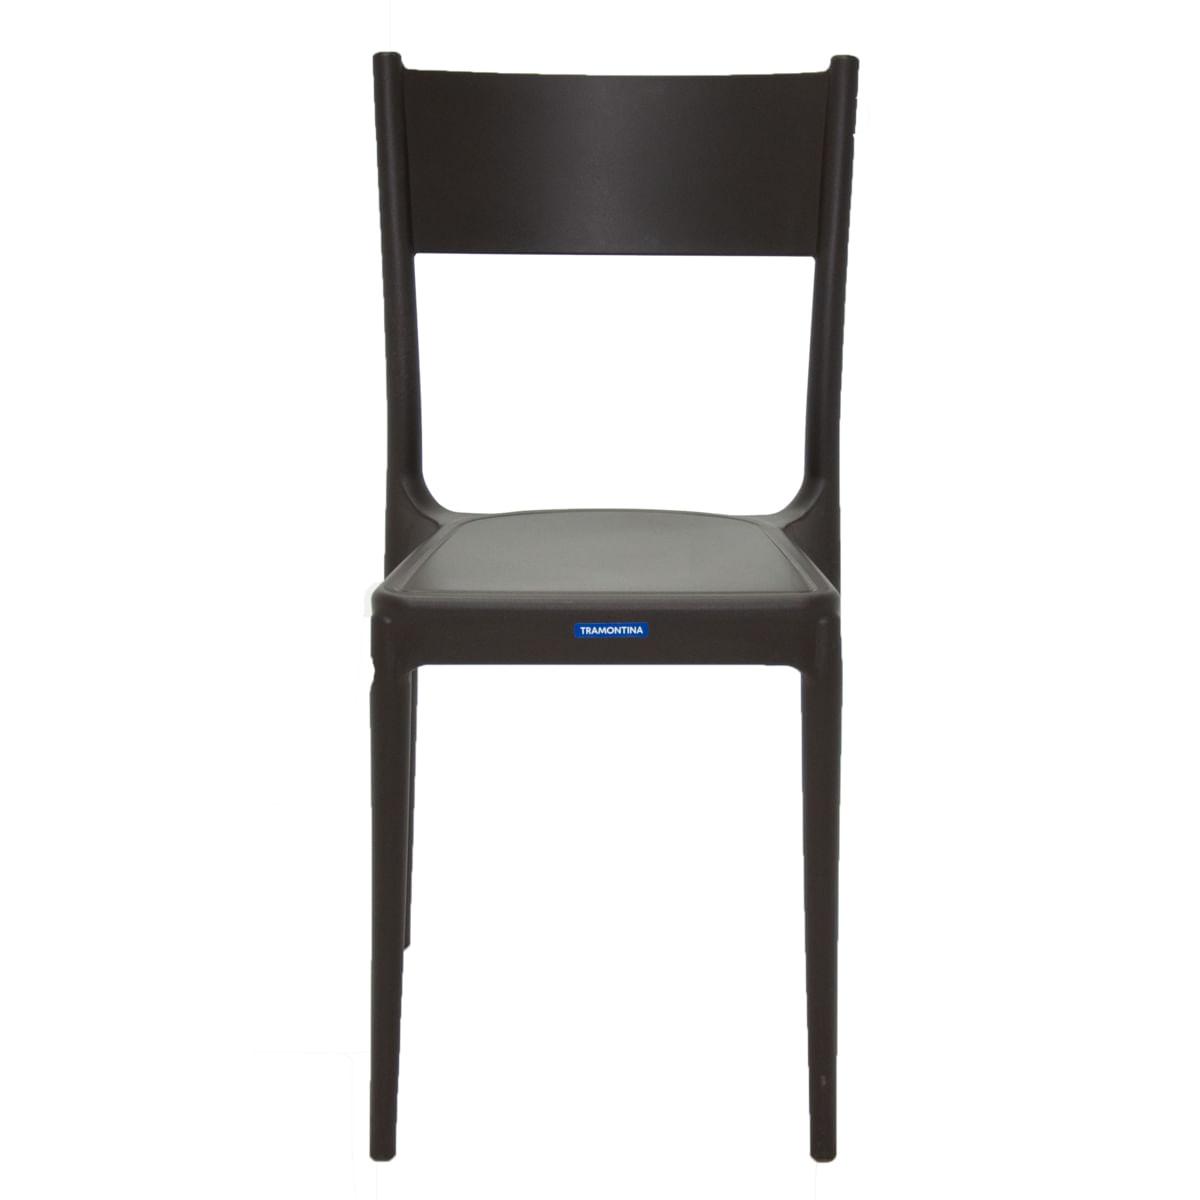 Cadeira Tramontina Diana Marrom em Polipropileno e Fibra de Vidro